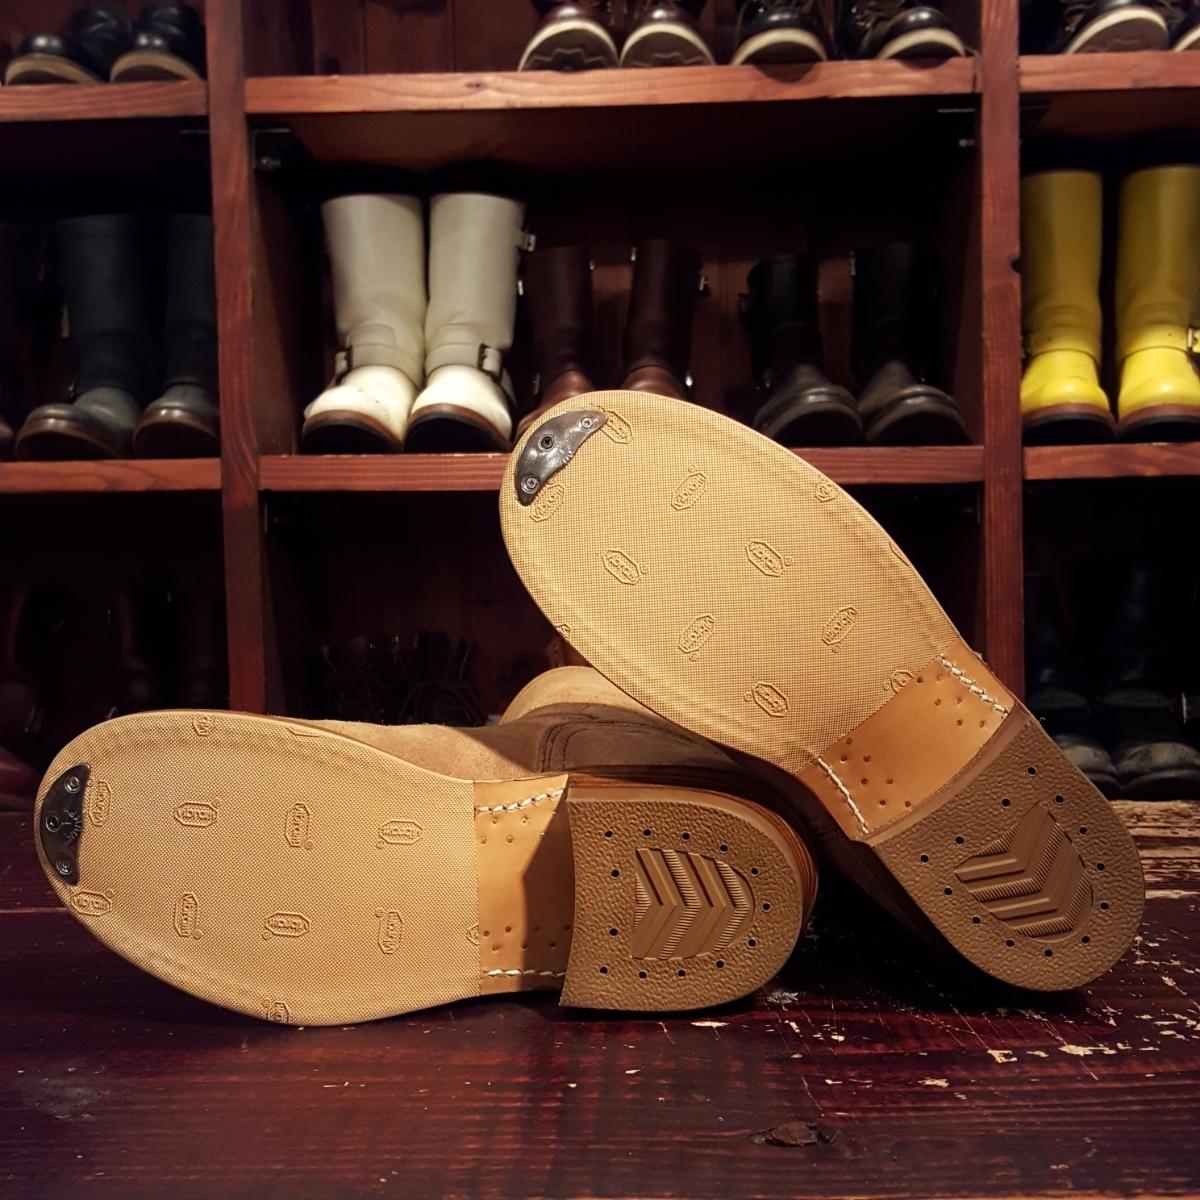 売り切り フルカスタム VIBERG スエード ラフアウト エンジニア ブーツ 27.5cm ベージュ シルバー 925 バックル ヴィンテージソール 1点物_画像7